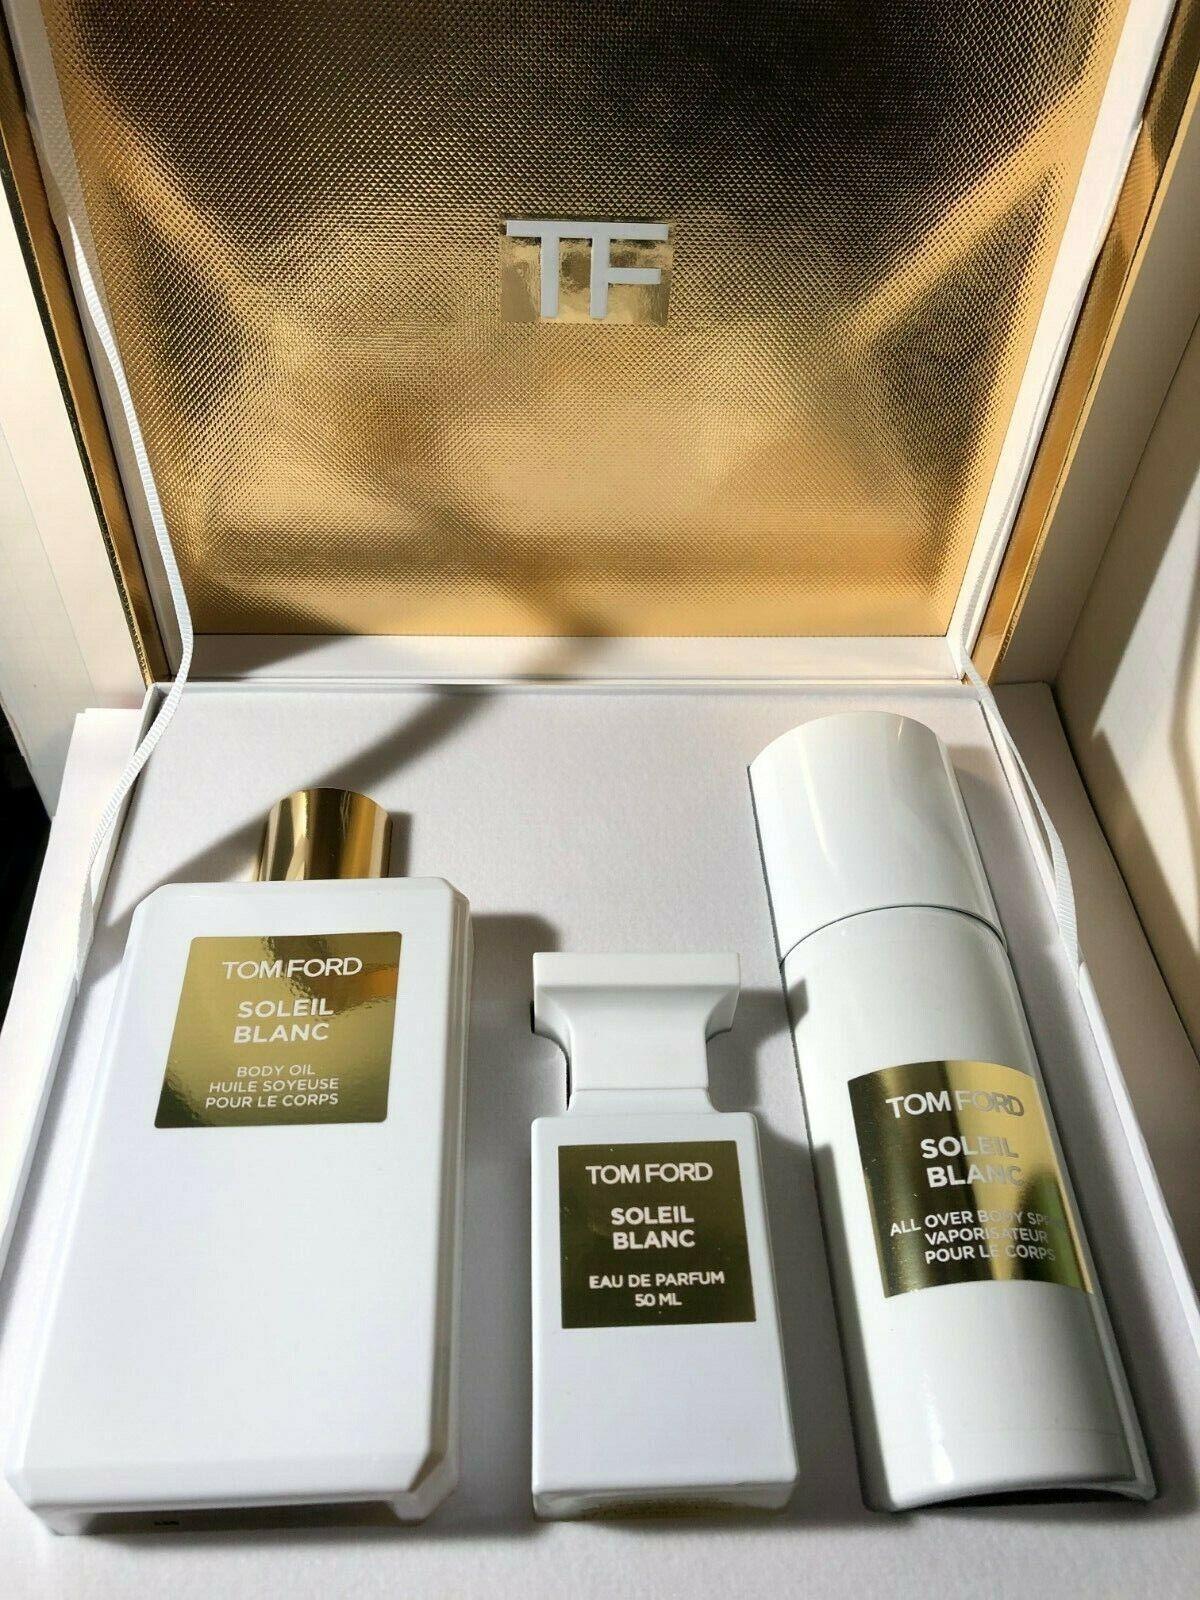 Tom Ford Soleil Weiß Parfüm Parfum Geschenkverpackung Set Duft für Private Blend